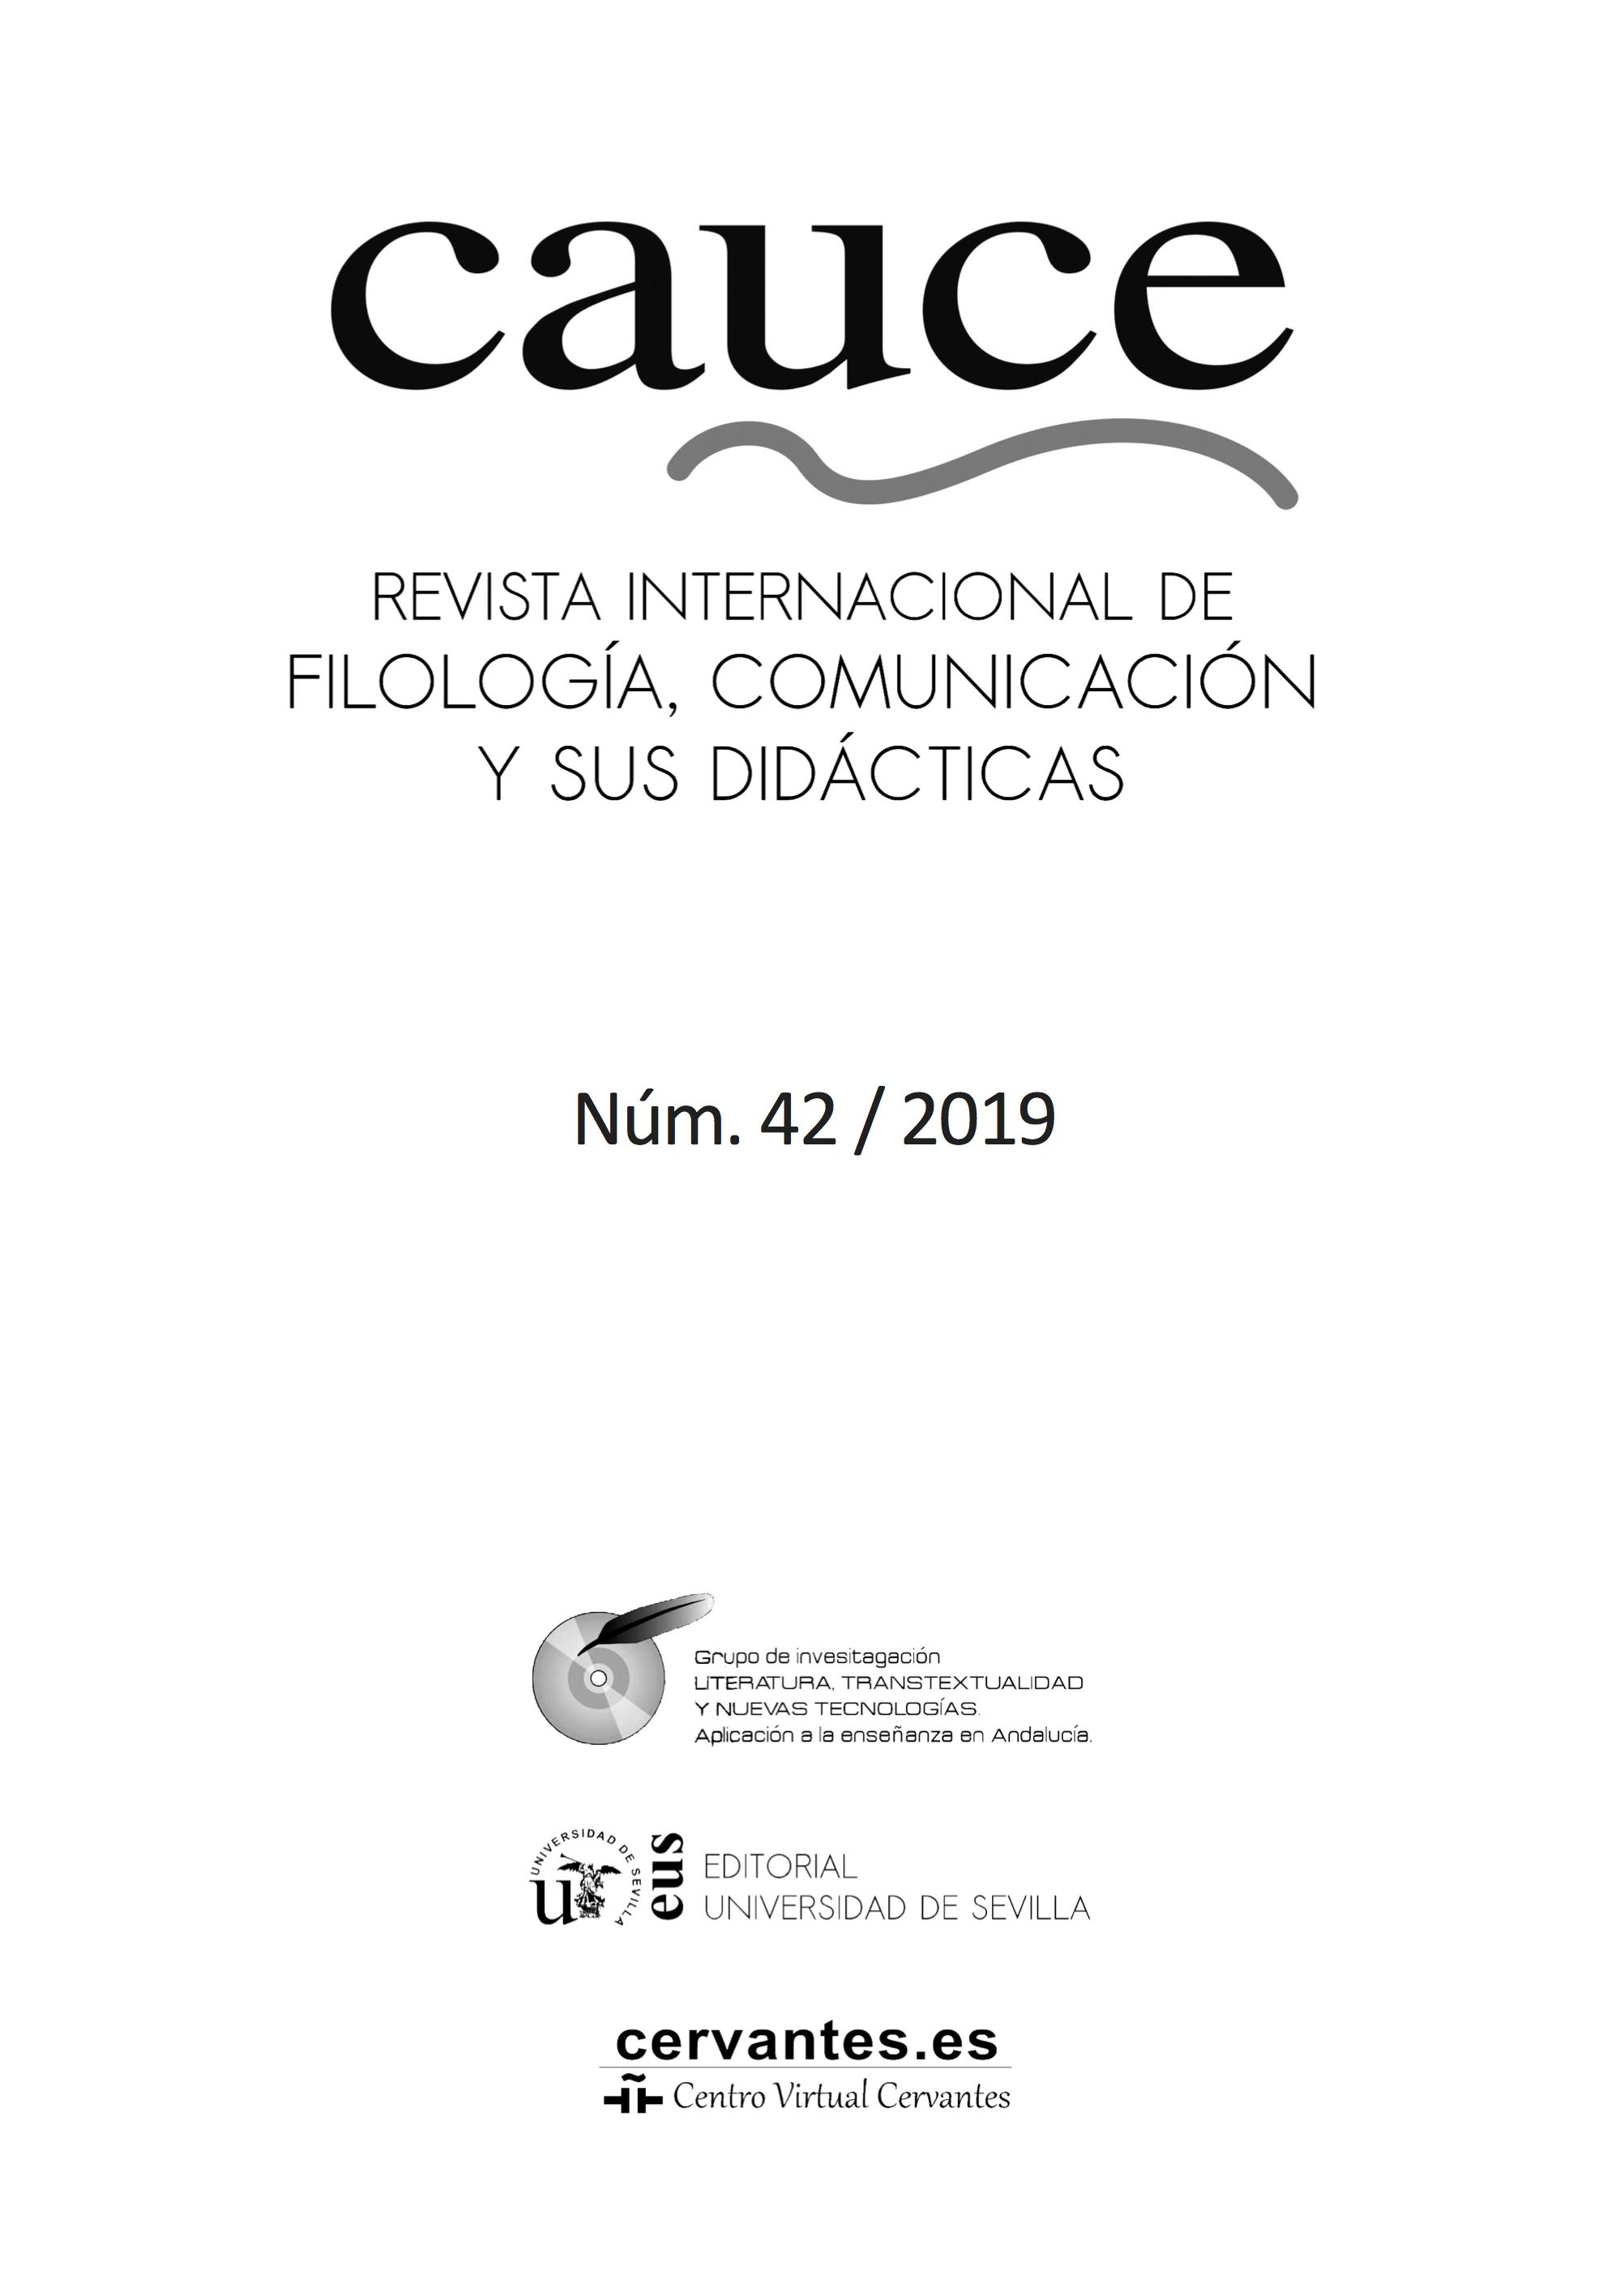 Cauce núm. 42 / 2019